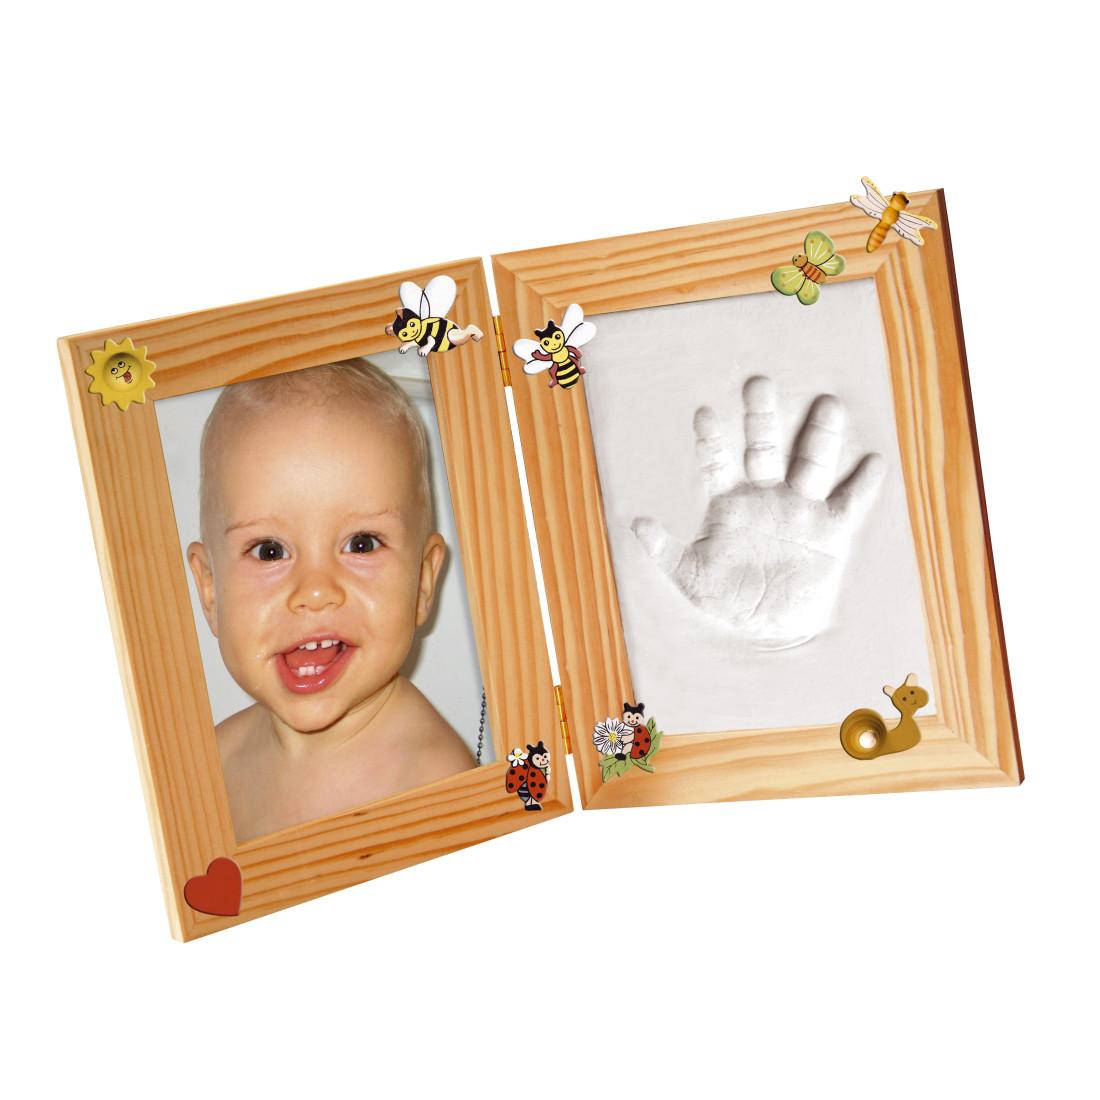 bilderrahmen set klein 3d erinnerungen mammut baby gibsabdruck handabdruck ebay. Black Bedroom Furniture Sets. Home Design Ideas